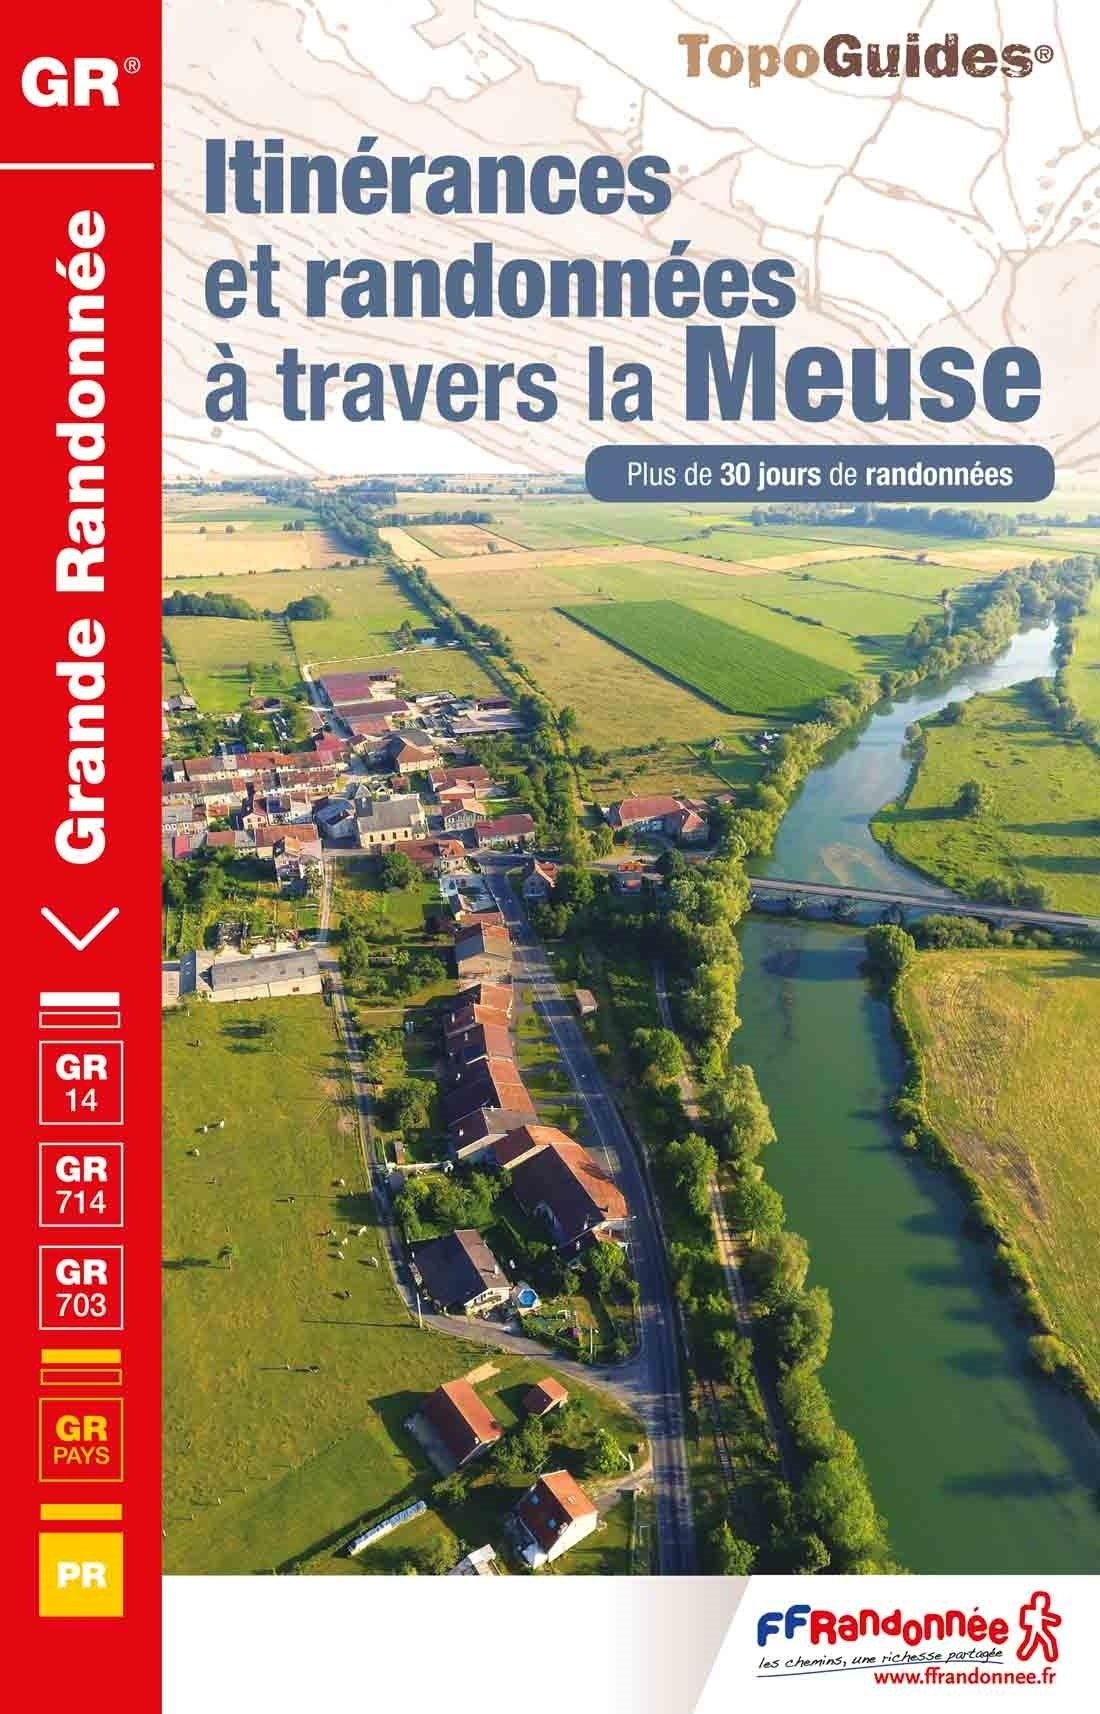 TG5500 Itinérances et randonnées à travers la Meuse | wandelgids 9782751410161  FFRP Topoguides  Wandelgidsen, Meerdaagse wandelroutes Champagne, Franse Ardennen